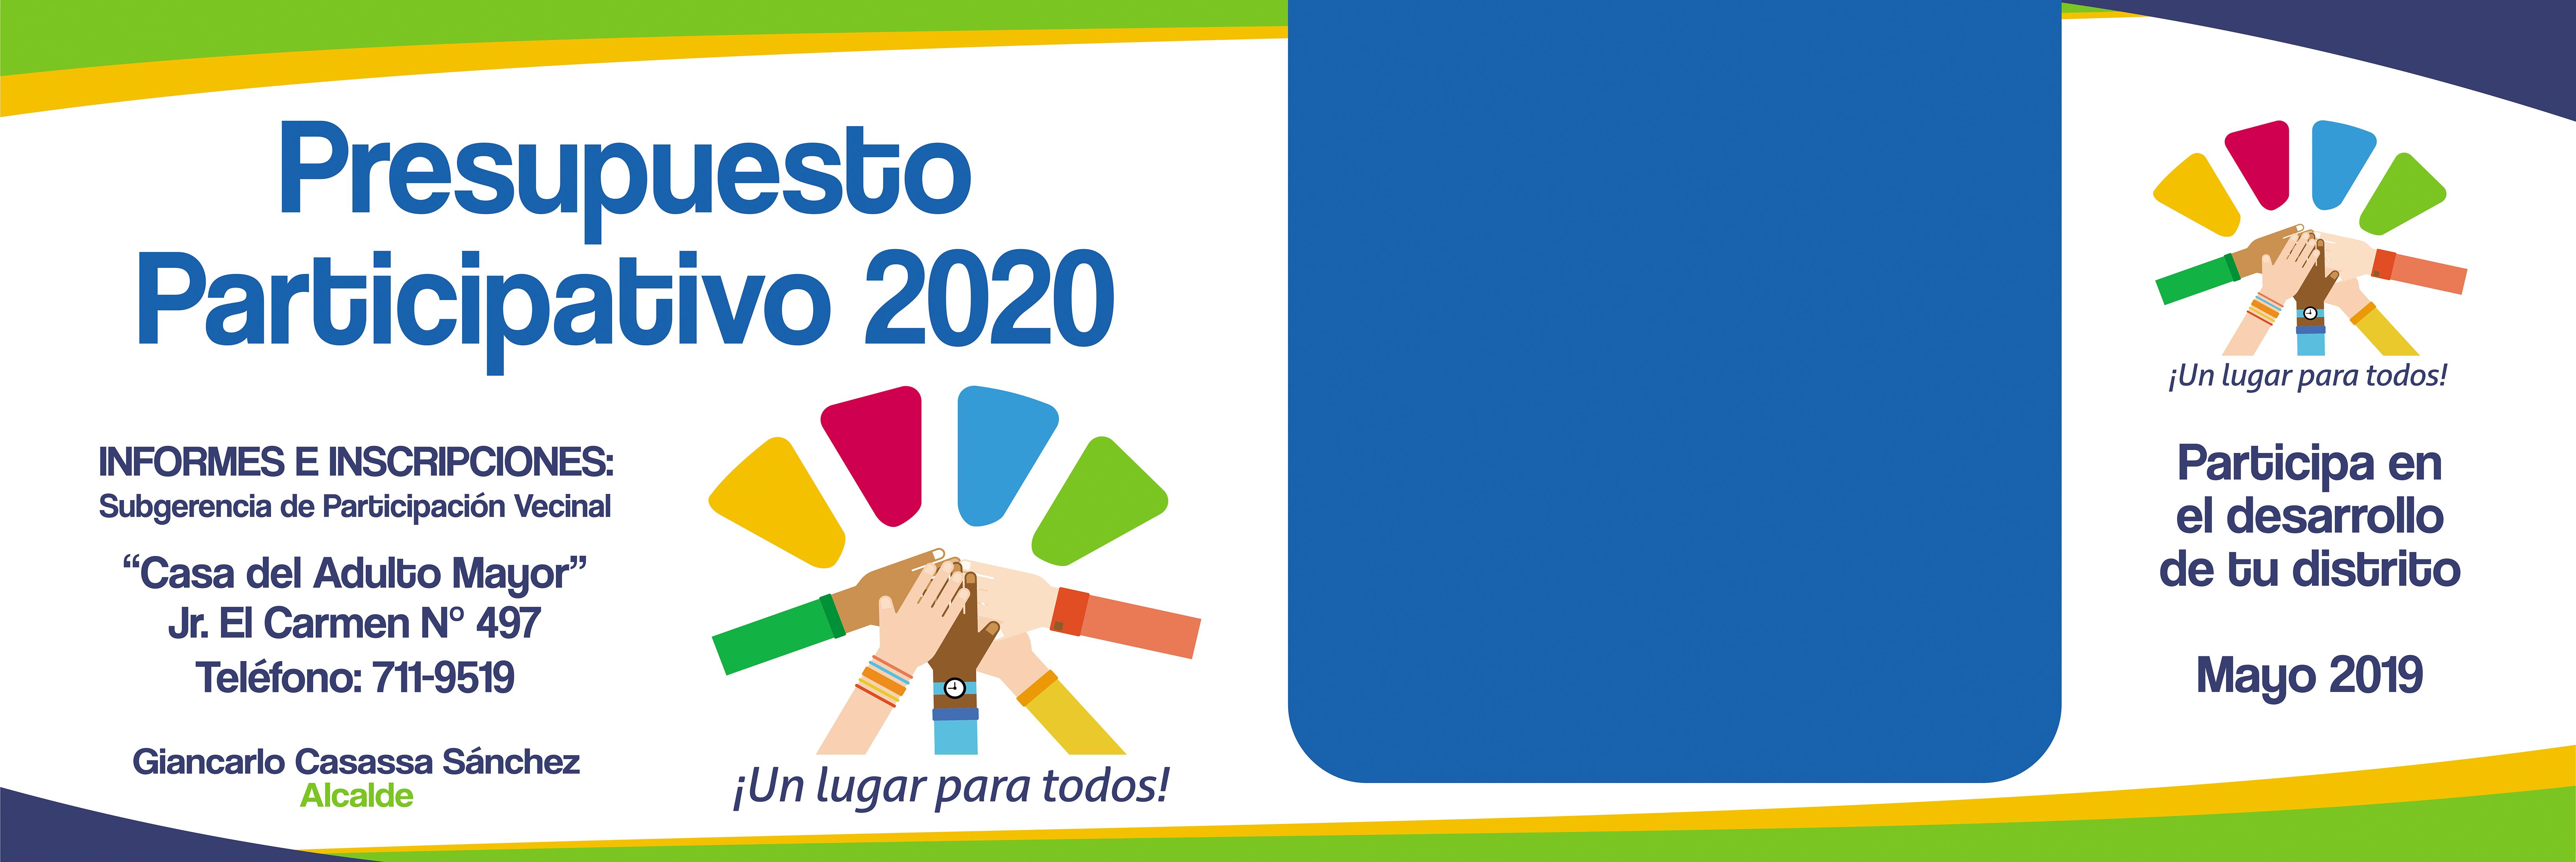 presupuesto_2020